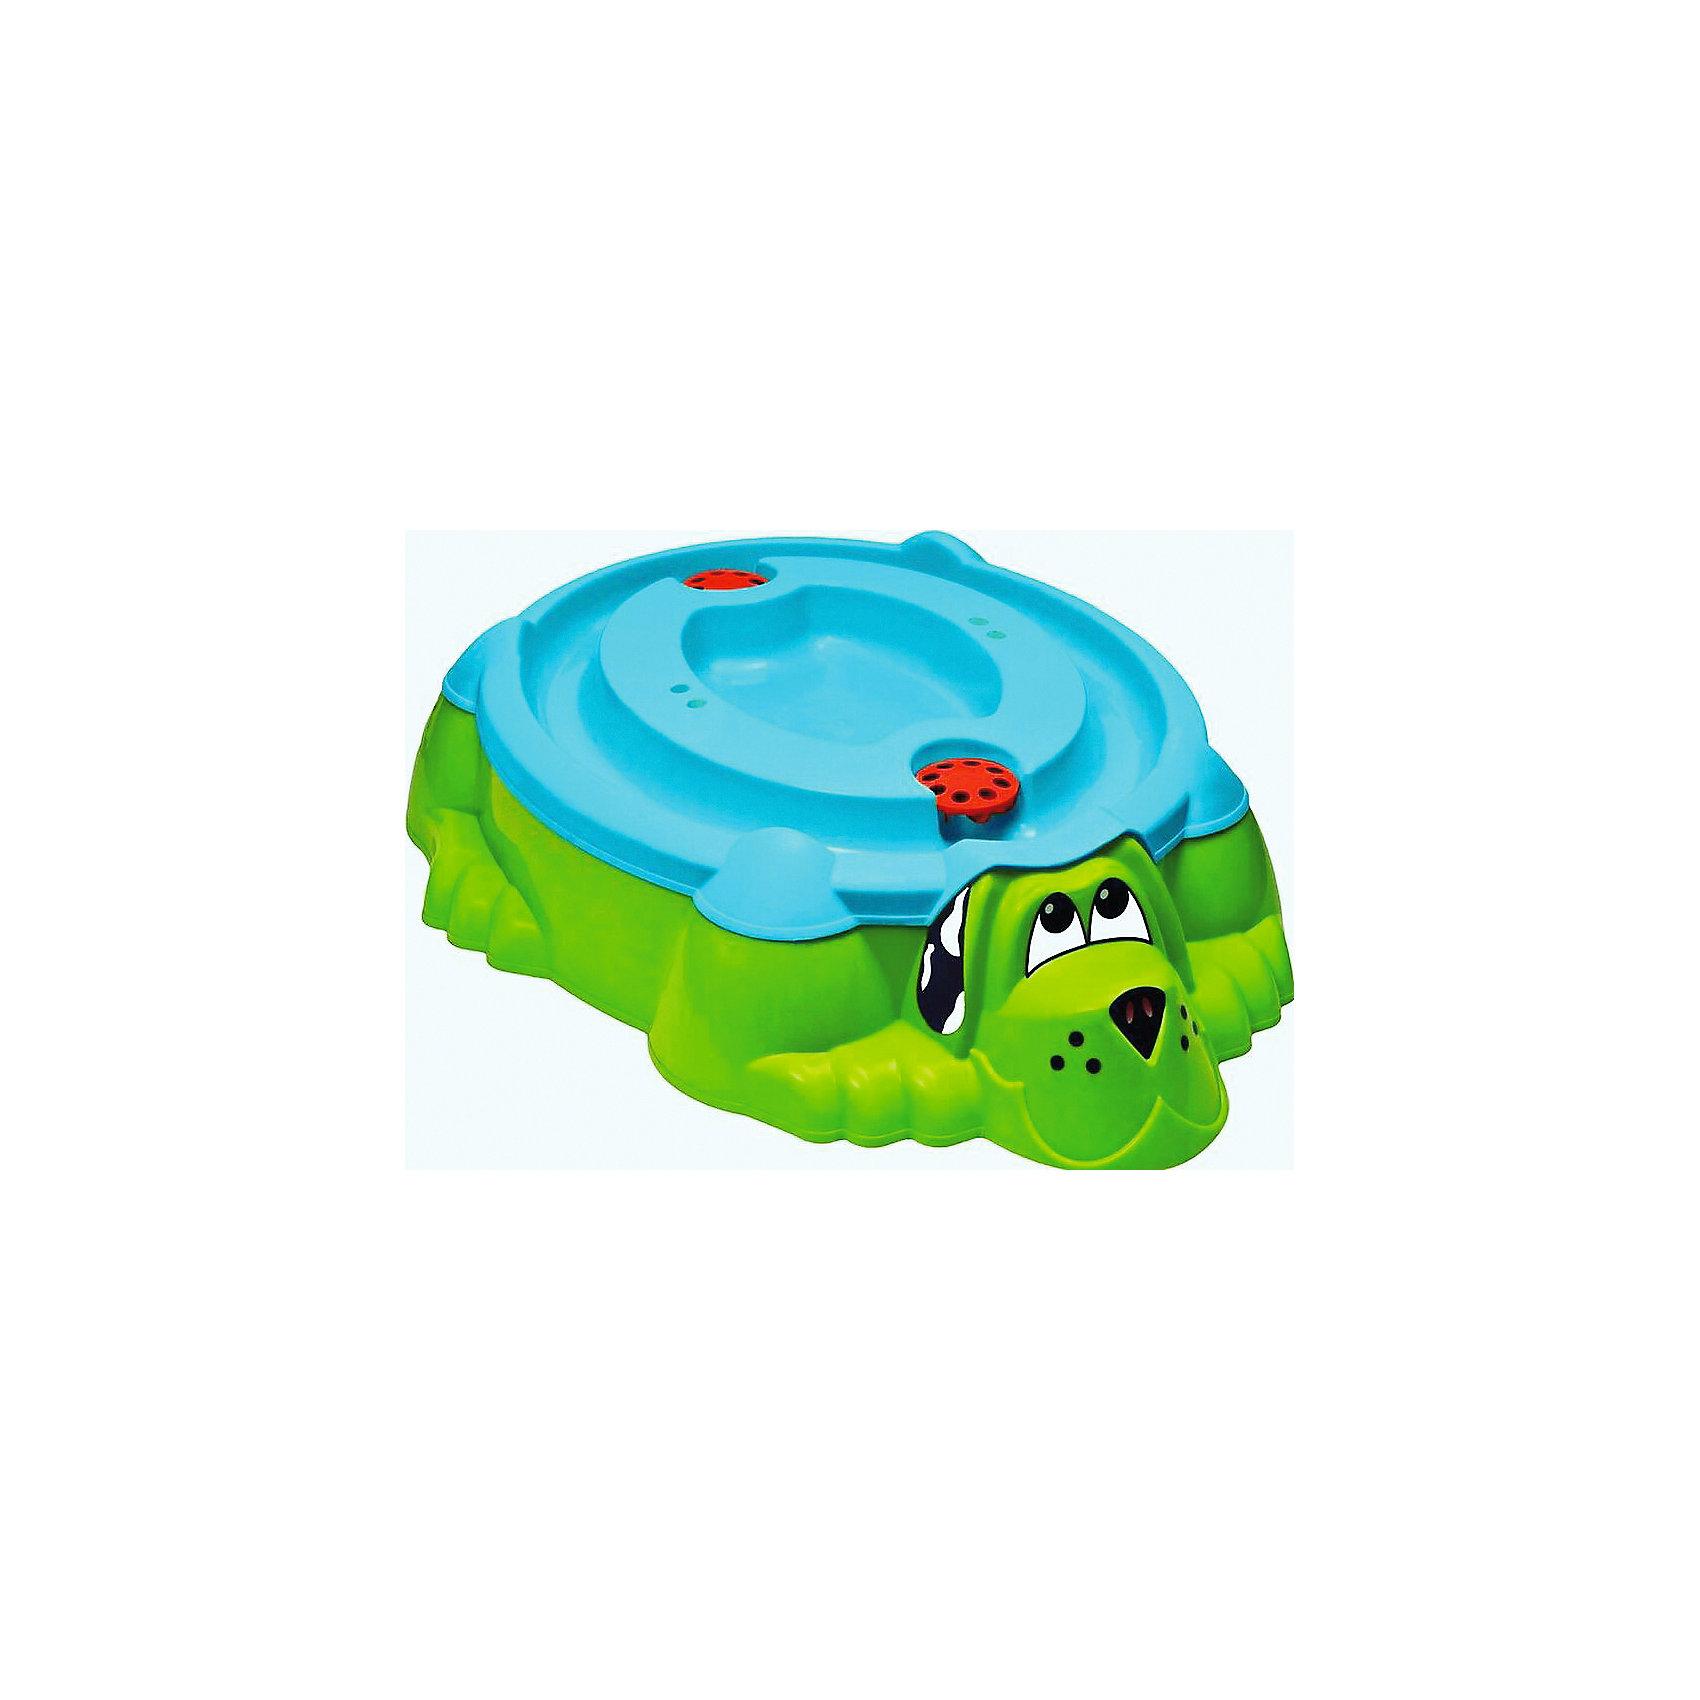 Песочница-бассейн Собачка с крышкой, салатовый, MarianplastИграем в песочнице<br>Песочница-бассейн Marian-Plast собачка с крышкой . Забавный пес дает возможность выбора, кем ему быть: песочницей или бассейном для Вашего ребенка.<br><br>Благодаря крышке, пес или песок в песочнице всегда останутся сухими, даже после дождя.<br>Песочница достаточно вместительная, подойдет для нескольких ребятишек. Внутри есть выступы, на которых малыши смогут посидеть и передохнуть, если вдруг устанут.<br>Песочница имеет удобную функциональную крышку. Если вдруг пошел дождик, то песочницу можно накрыть. Крышку можно использовать также как мини - бассейн. Крышка имеет специальные углубления - воронки, если в них налить водичку и запустить кораблик, то корабль будет лавировать по лабиринтам - гаваням.<br><br>Дополнительная информация:<br><br>- Материал: яркий высокопрочный пластик.<br>- Размер песочницы: 110х95 см, глубина - 25 см.<br><br>Для веселой и беззаботной игры в песок. Идеально подойдет для летнего отдыха на даче.<br><br>Ширина мм: 250<br>Глубина мм: 1150<br>Высота мм: 920<br>Вес г: 5890<br>Возраст от месяцев: 12<br>Возраст до месяцев: 84<br>Пол: Унисекс<br>Возраст: Детский<br>SKU: 4790462